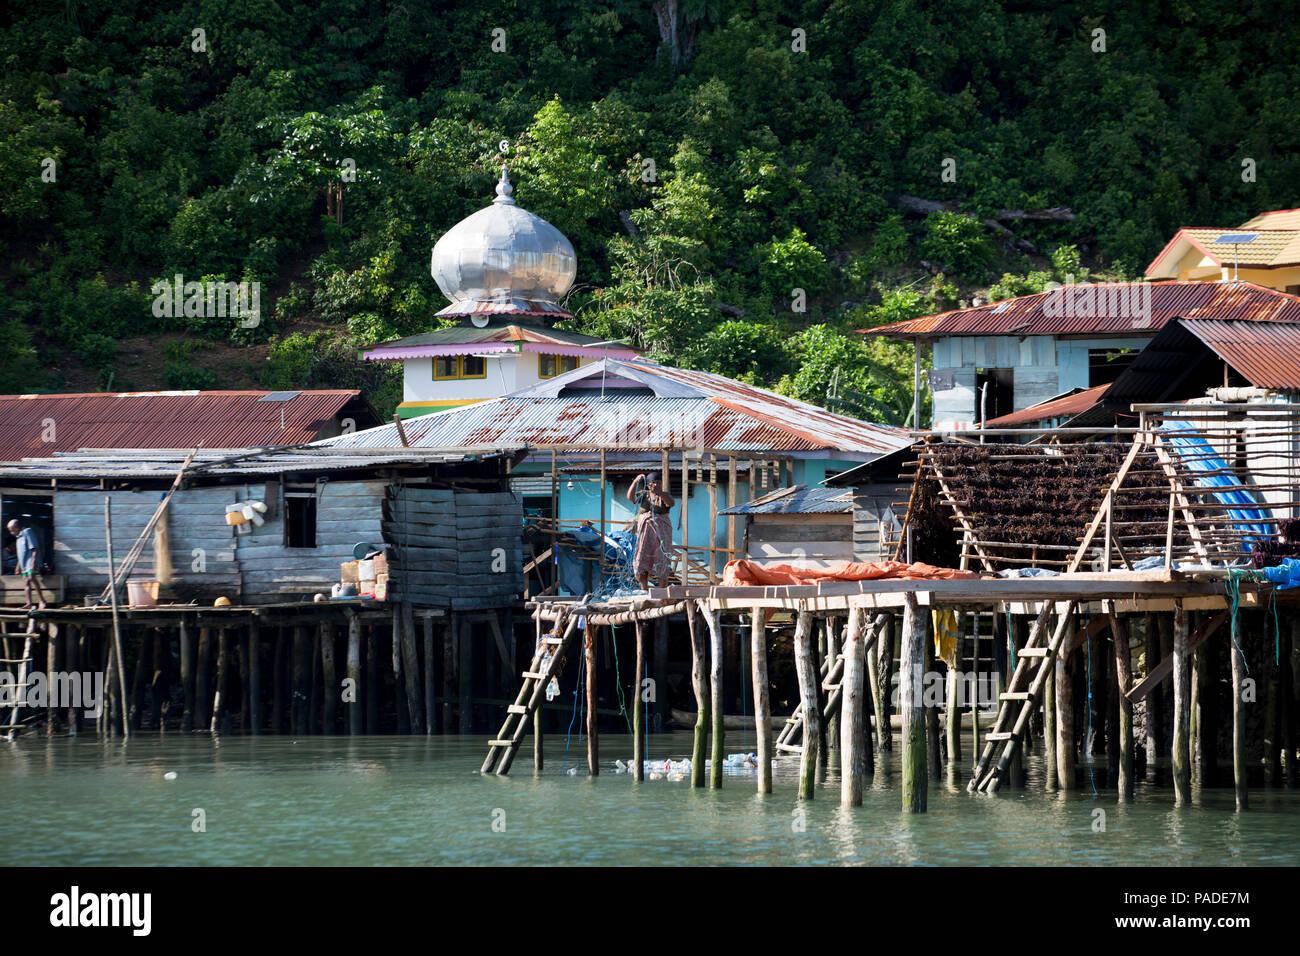 Küstendorf, Dwars In der Höhle Weg, Indonesien Stockbild